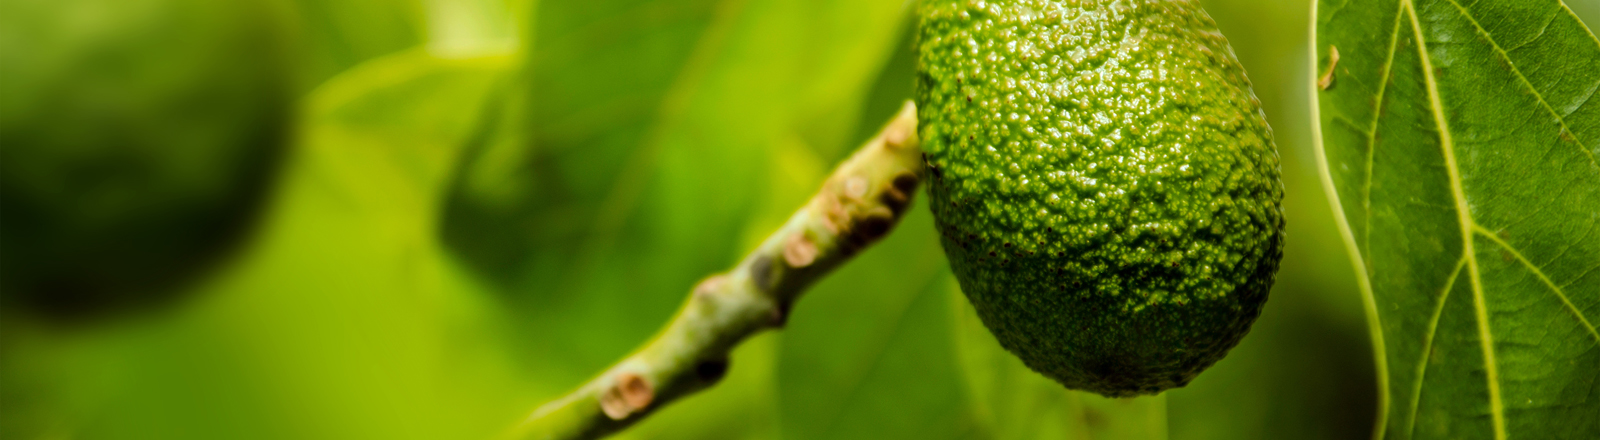 Eine Avocado, die am Bum hängt.